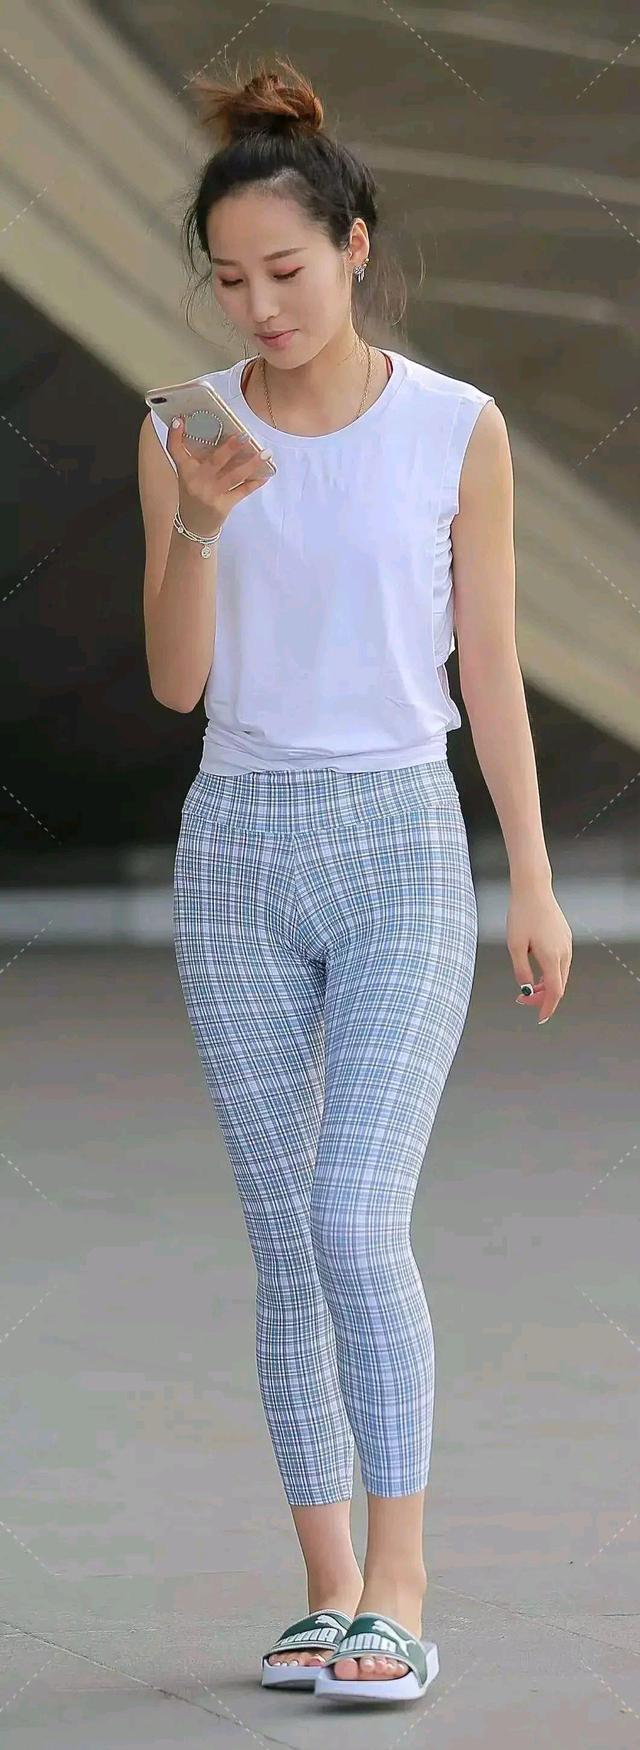 打底褲款式多樣,顏色絢麗多彩,適合女孩子日常的穿搭選擇